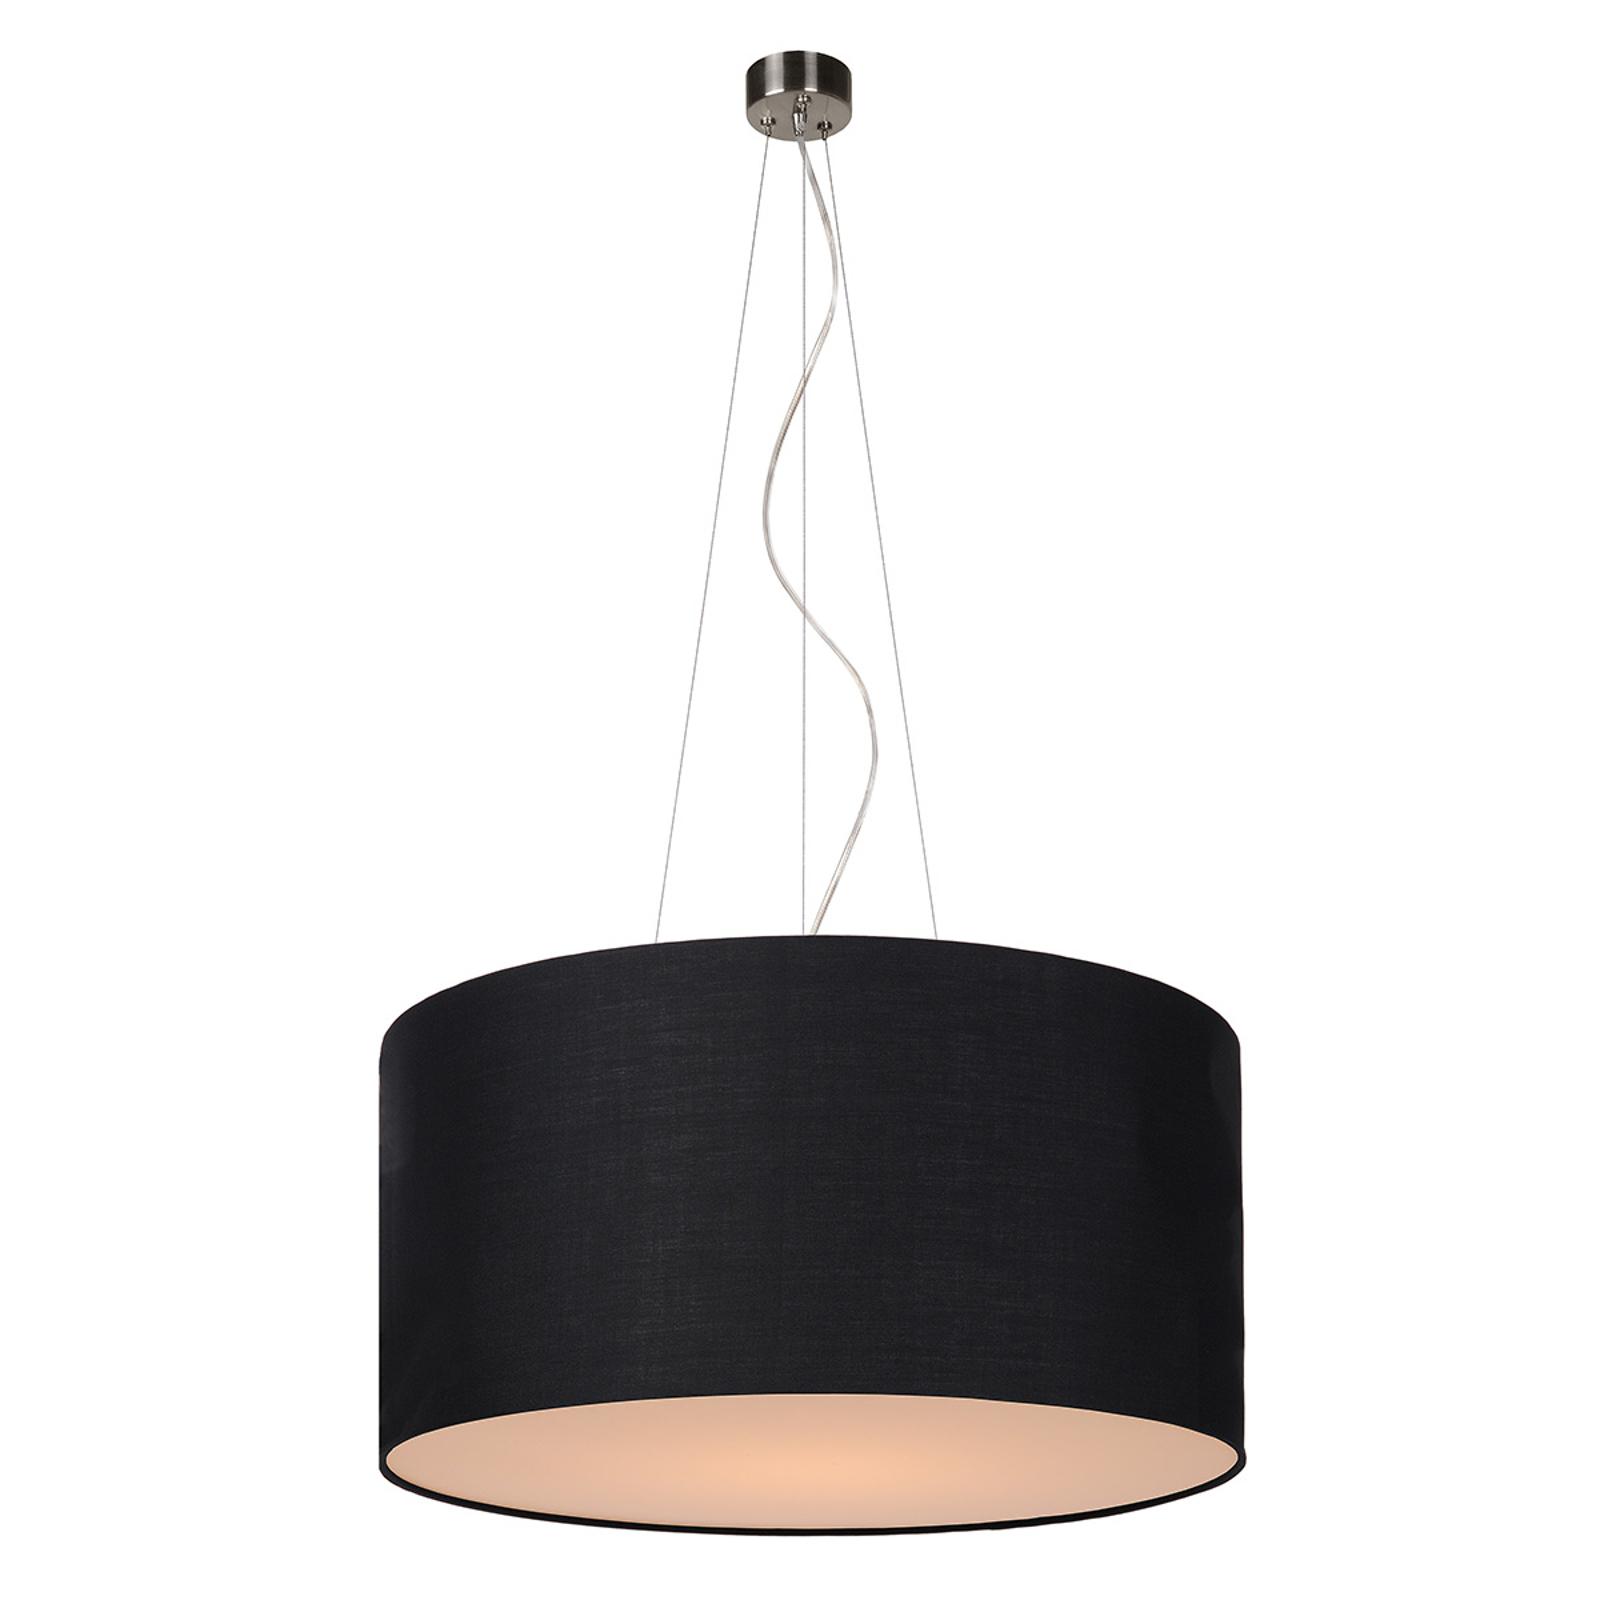 Uniwersalna lampa wisząca Coral czarna 60 cm